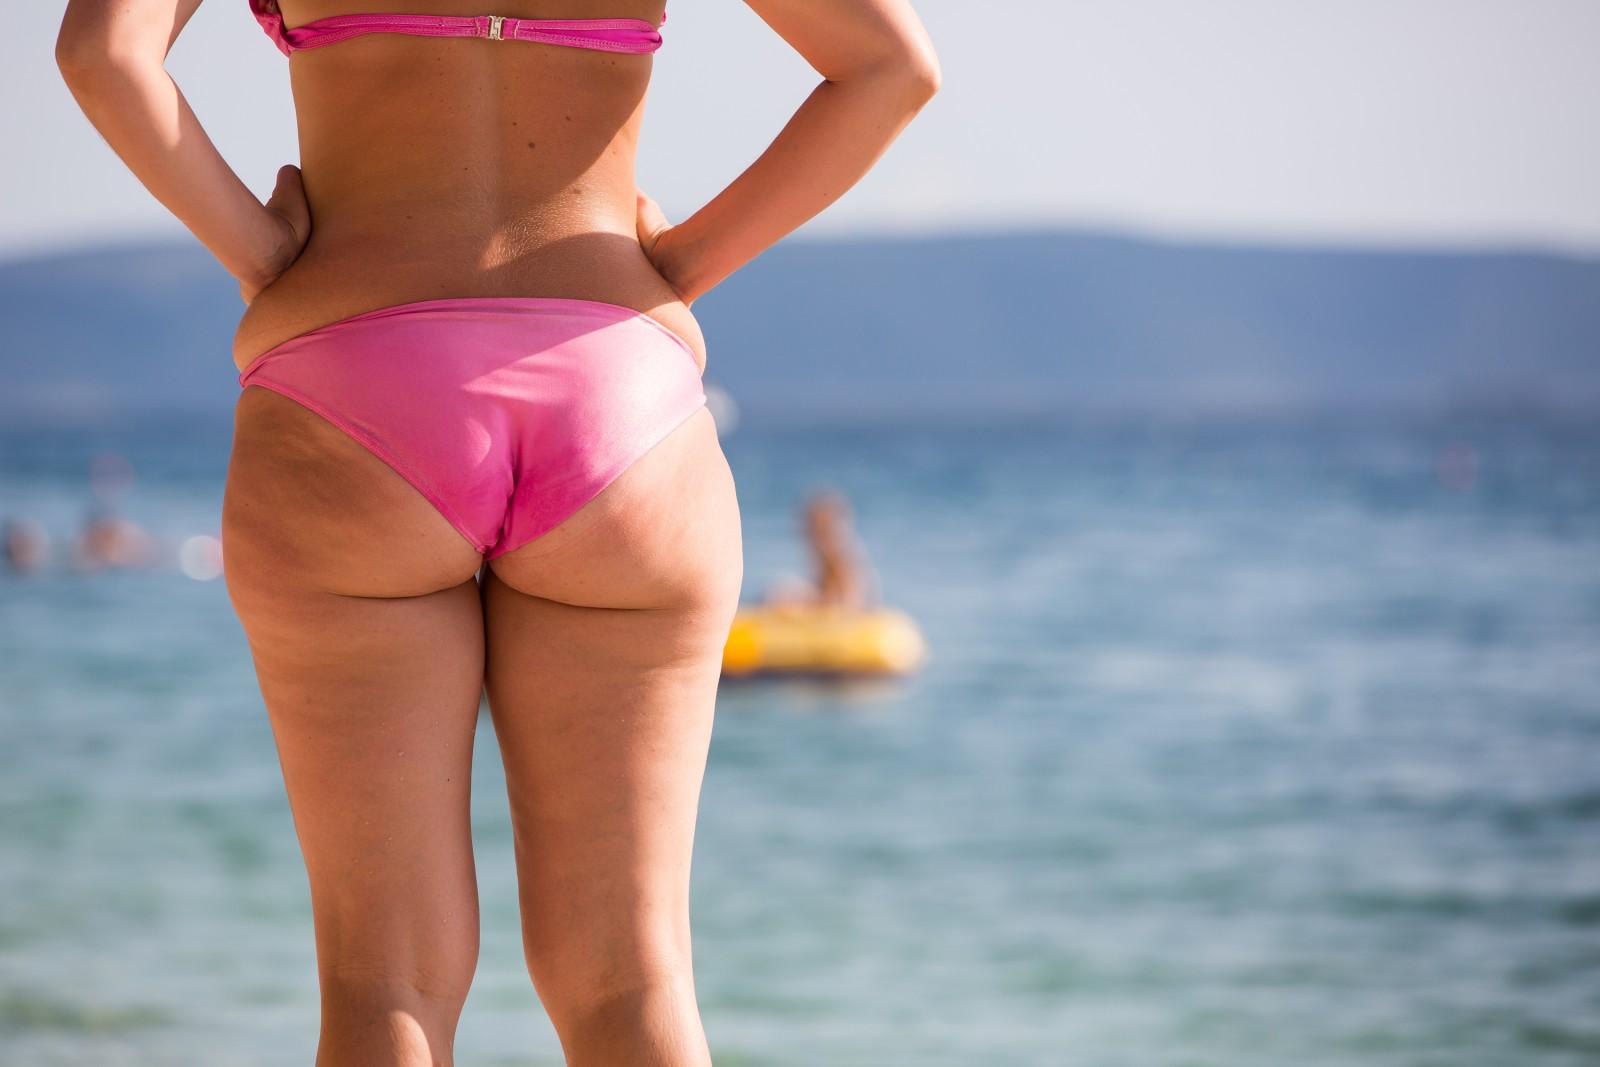 hilft schwimmen gegen cellulite